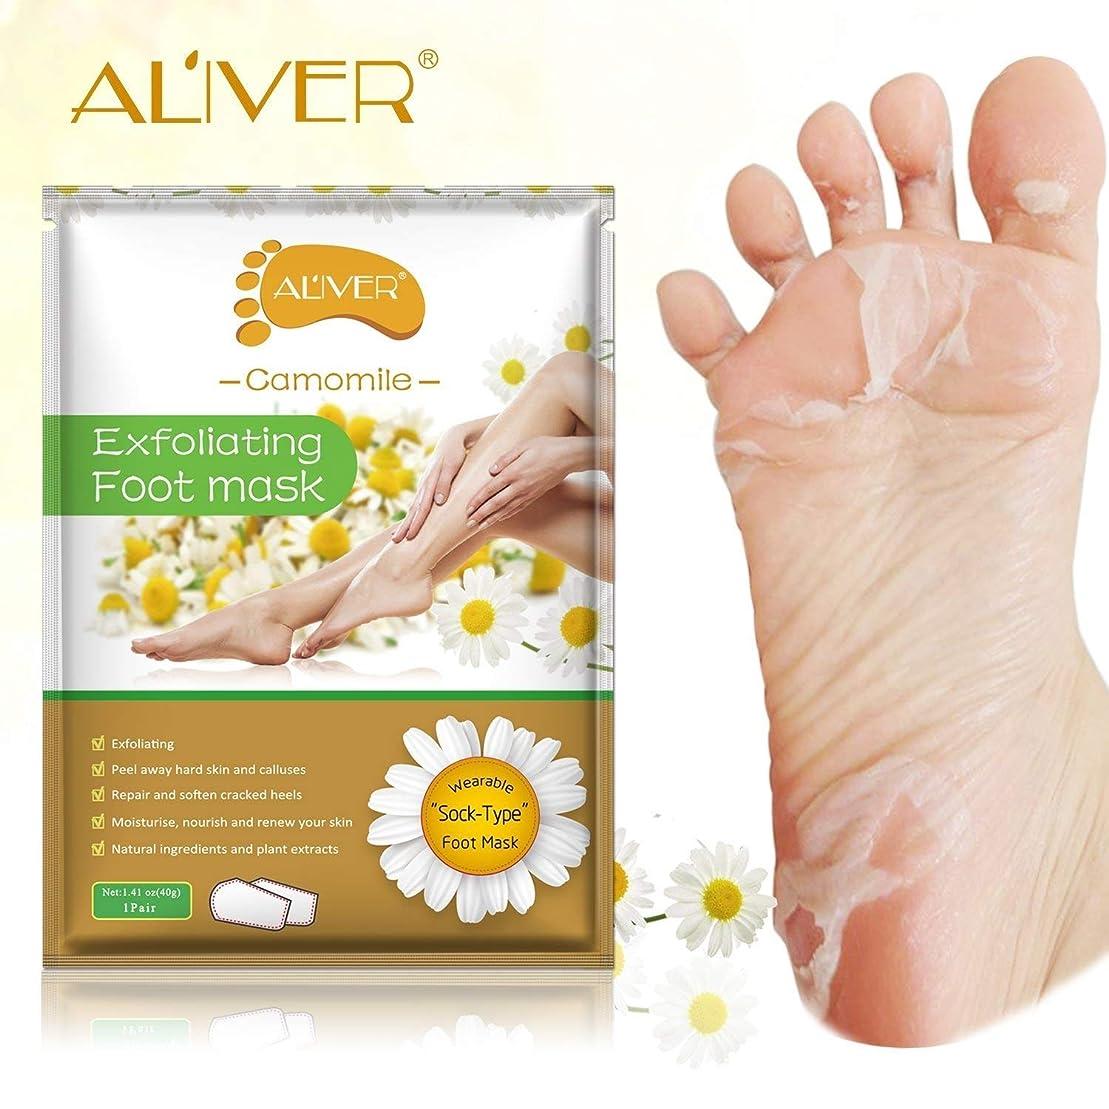 ドール赤悪意Odette フットピーリング パック 足の裏 角質取り 足用保湿 足の臭い 脚気を取り除く 7日肌の変化 2袋 (カモミール)